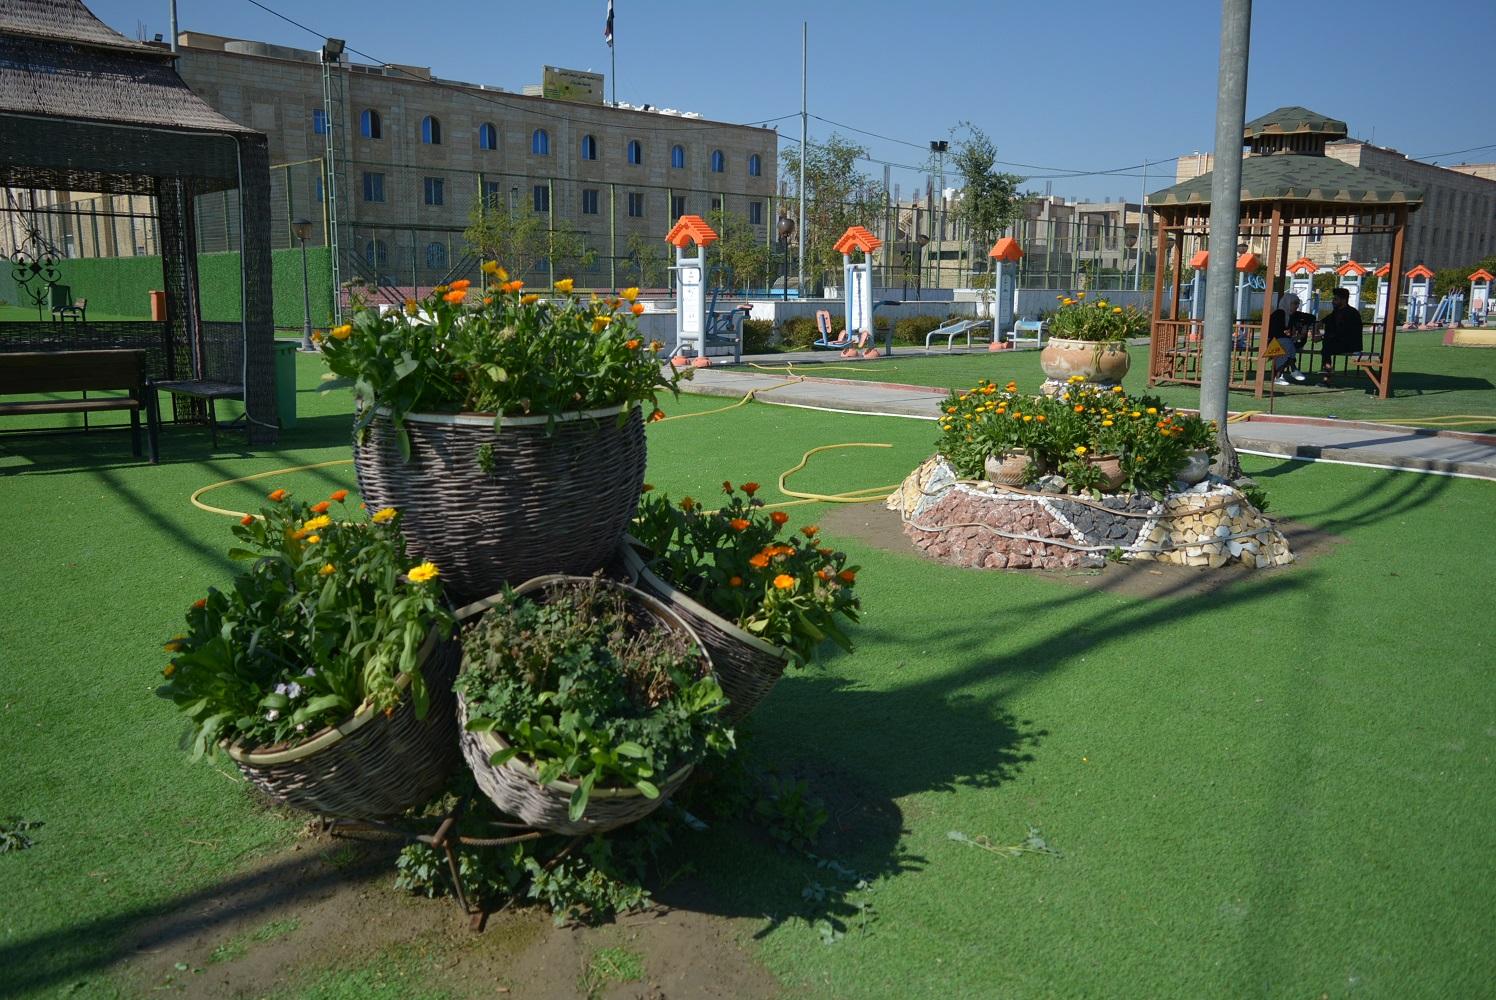 ادامة حدائق قسم شؤون الاقسام الداخلية